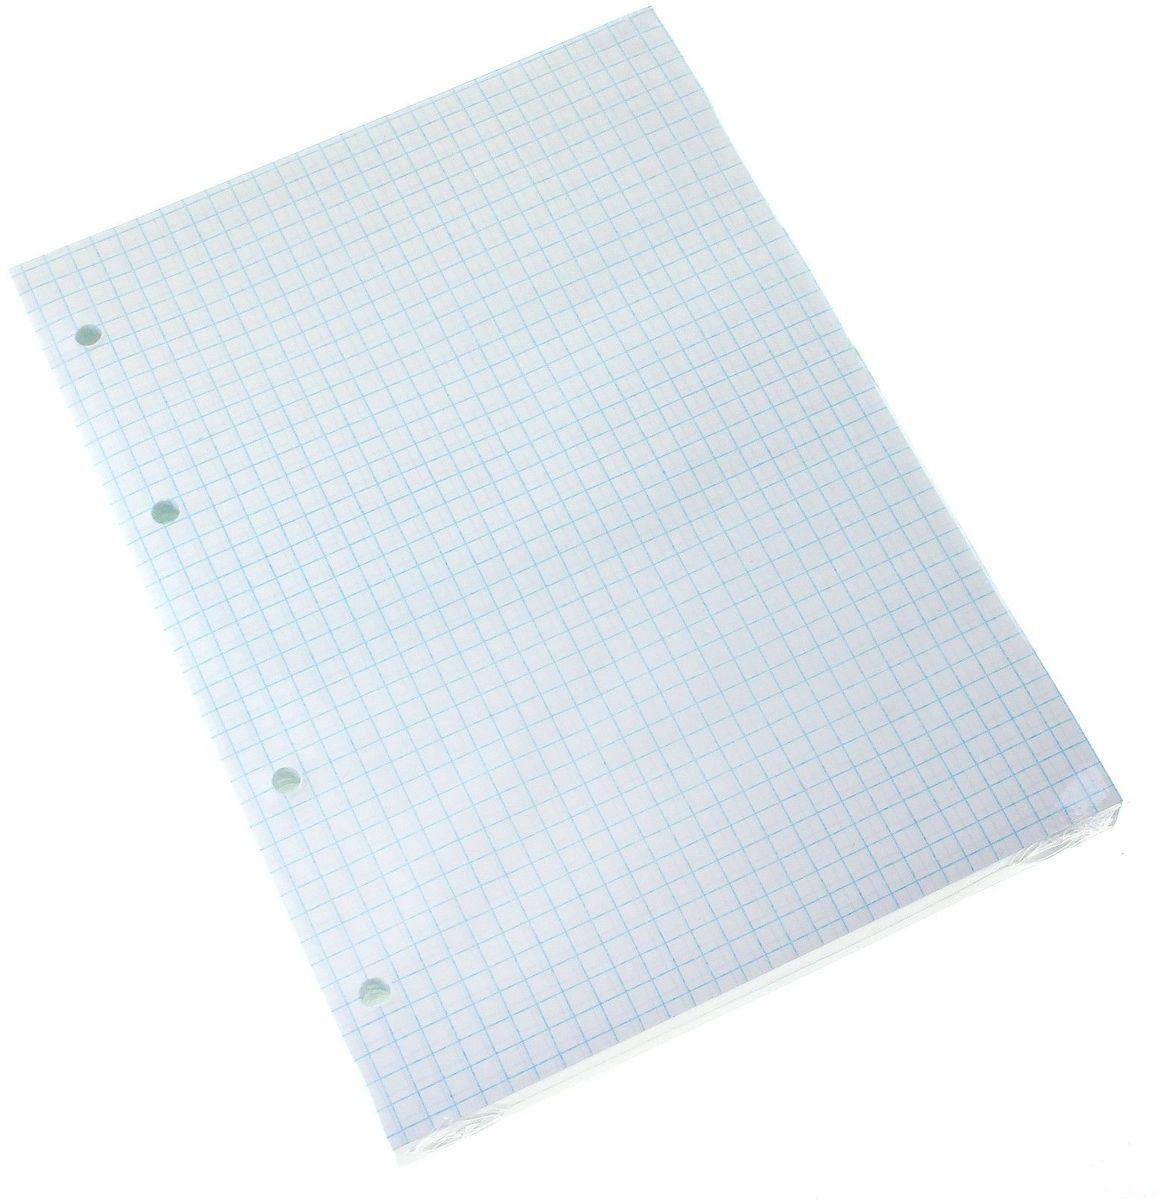 КПК Сменный блок для тетради на кольцах формат A5 160 листов в клетку72523WDСменный блок в клетку КПК предназначен для тетрадей с кольцевым механизмом.Листы выполнены из бумаги белого цвета формата А5 в голубую клетку и имеют универсальную перфорацию.Идеально подходят для использования всех видов пишущих принадлежностей, включая гелевые, капиллярные и перьевые ручки.